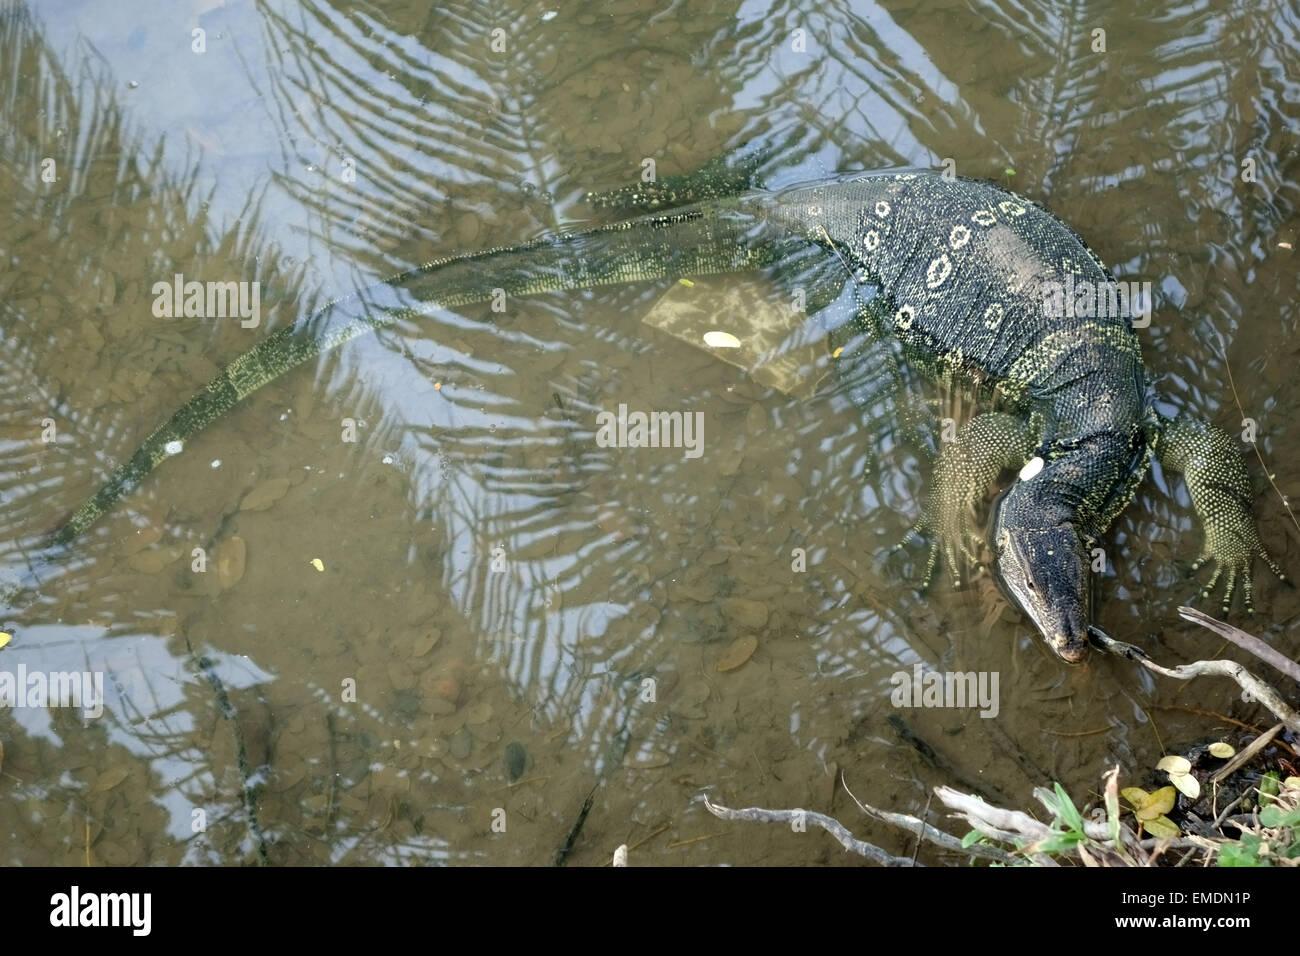 Un grand Varan, Varanus salvator, dans l'eau au bord du lac dans le Parc Lumphini dans le centre de Bangkok Photo Stock